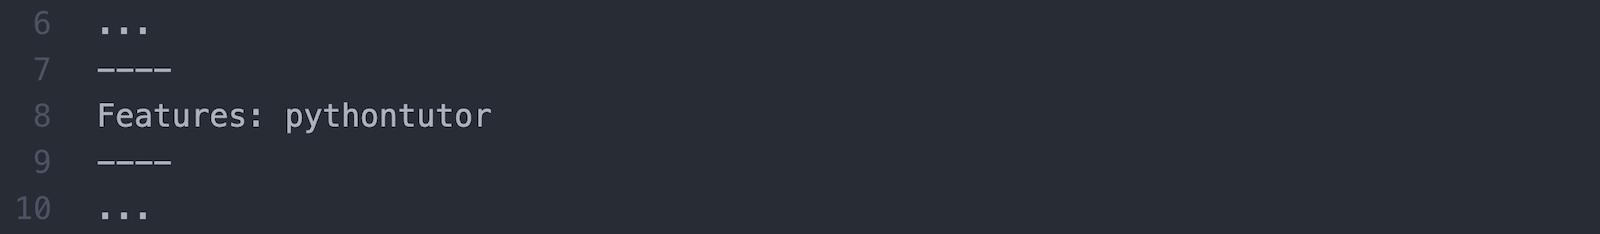 Beispielquelltext für die Einbindung des Python Tutors über das Meta-Tag features